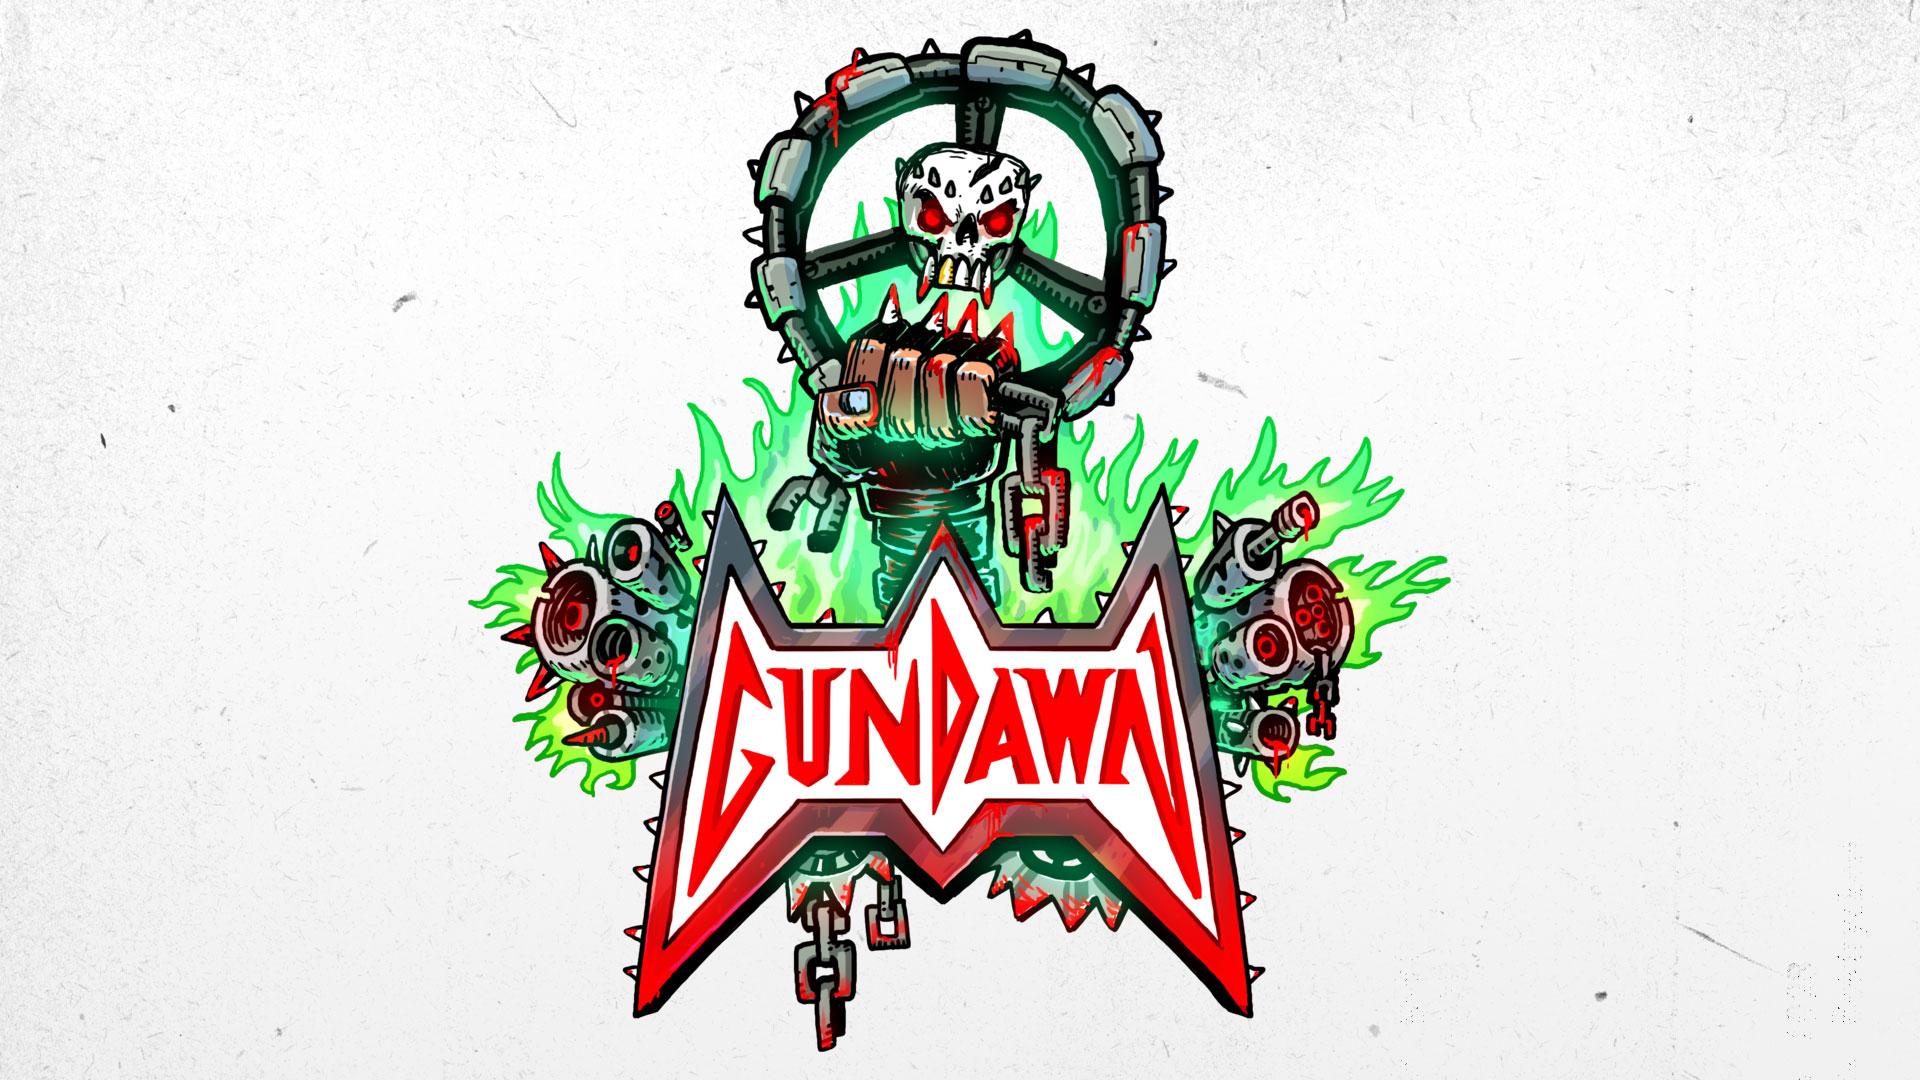 Gundawn